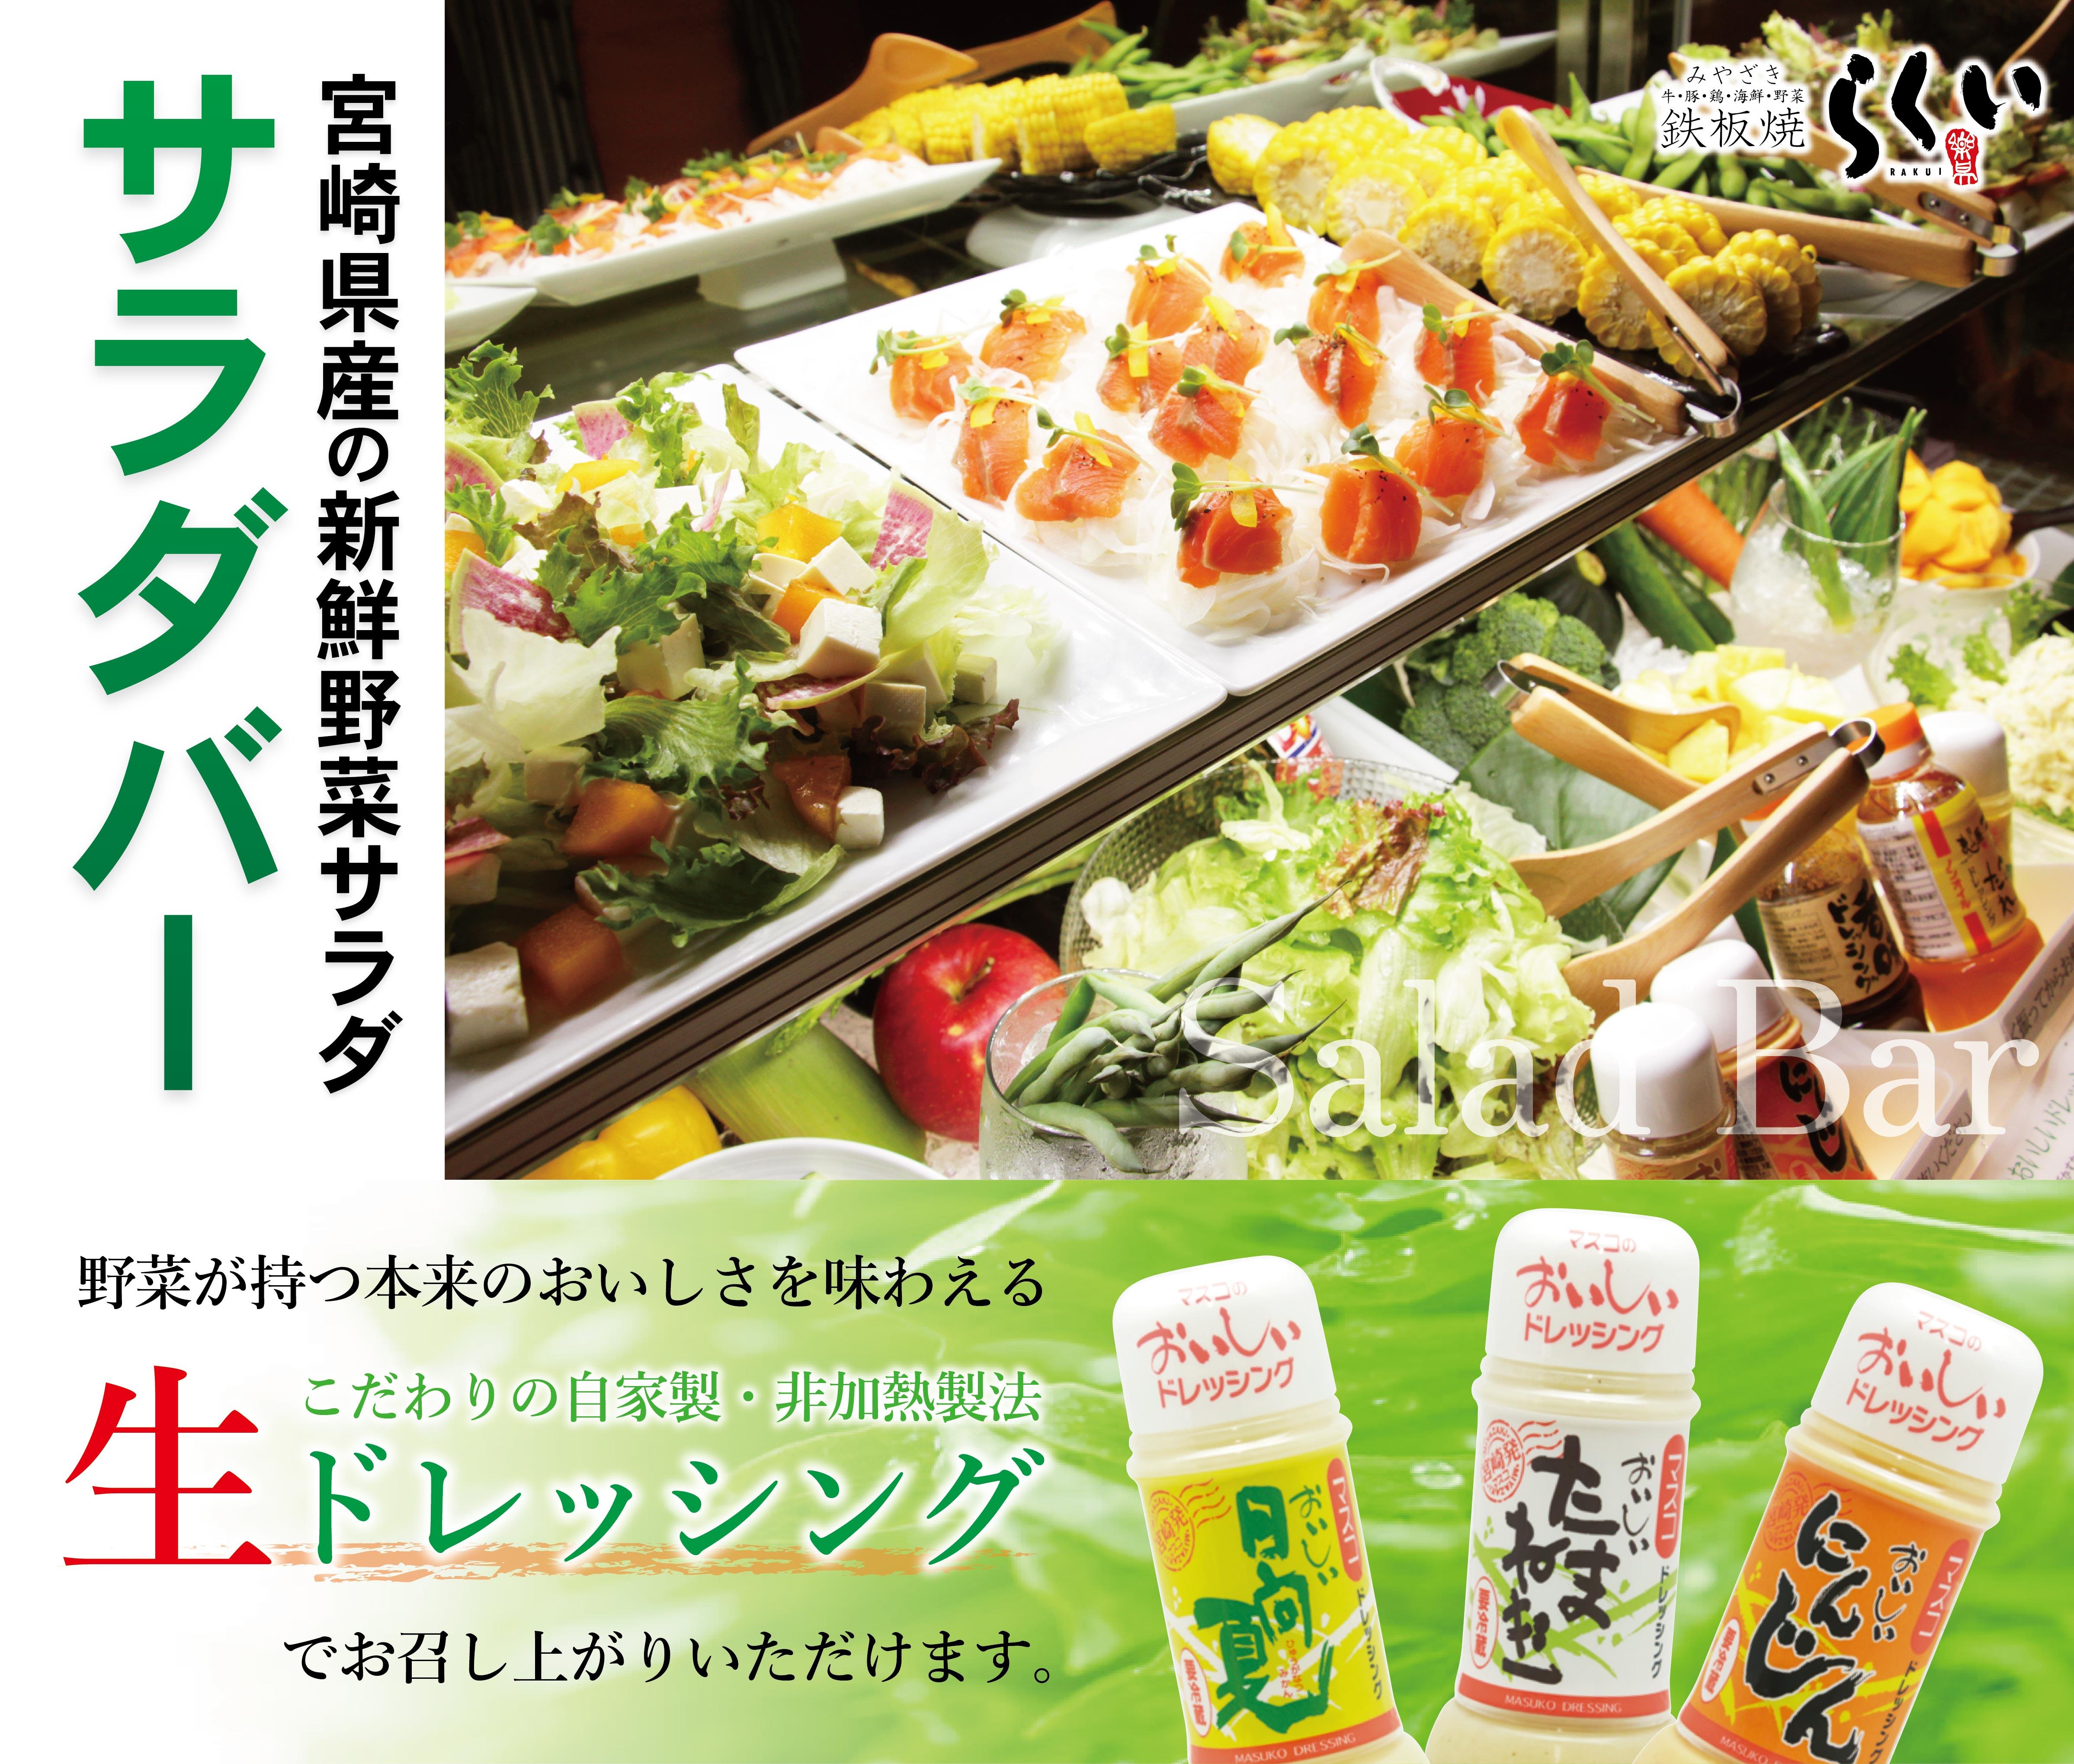 宮崎県産の新鮮野菜サラダ サラダバー